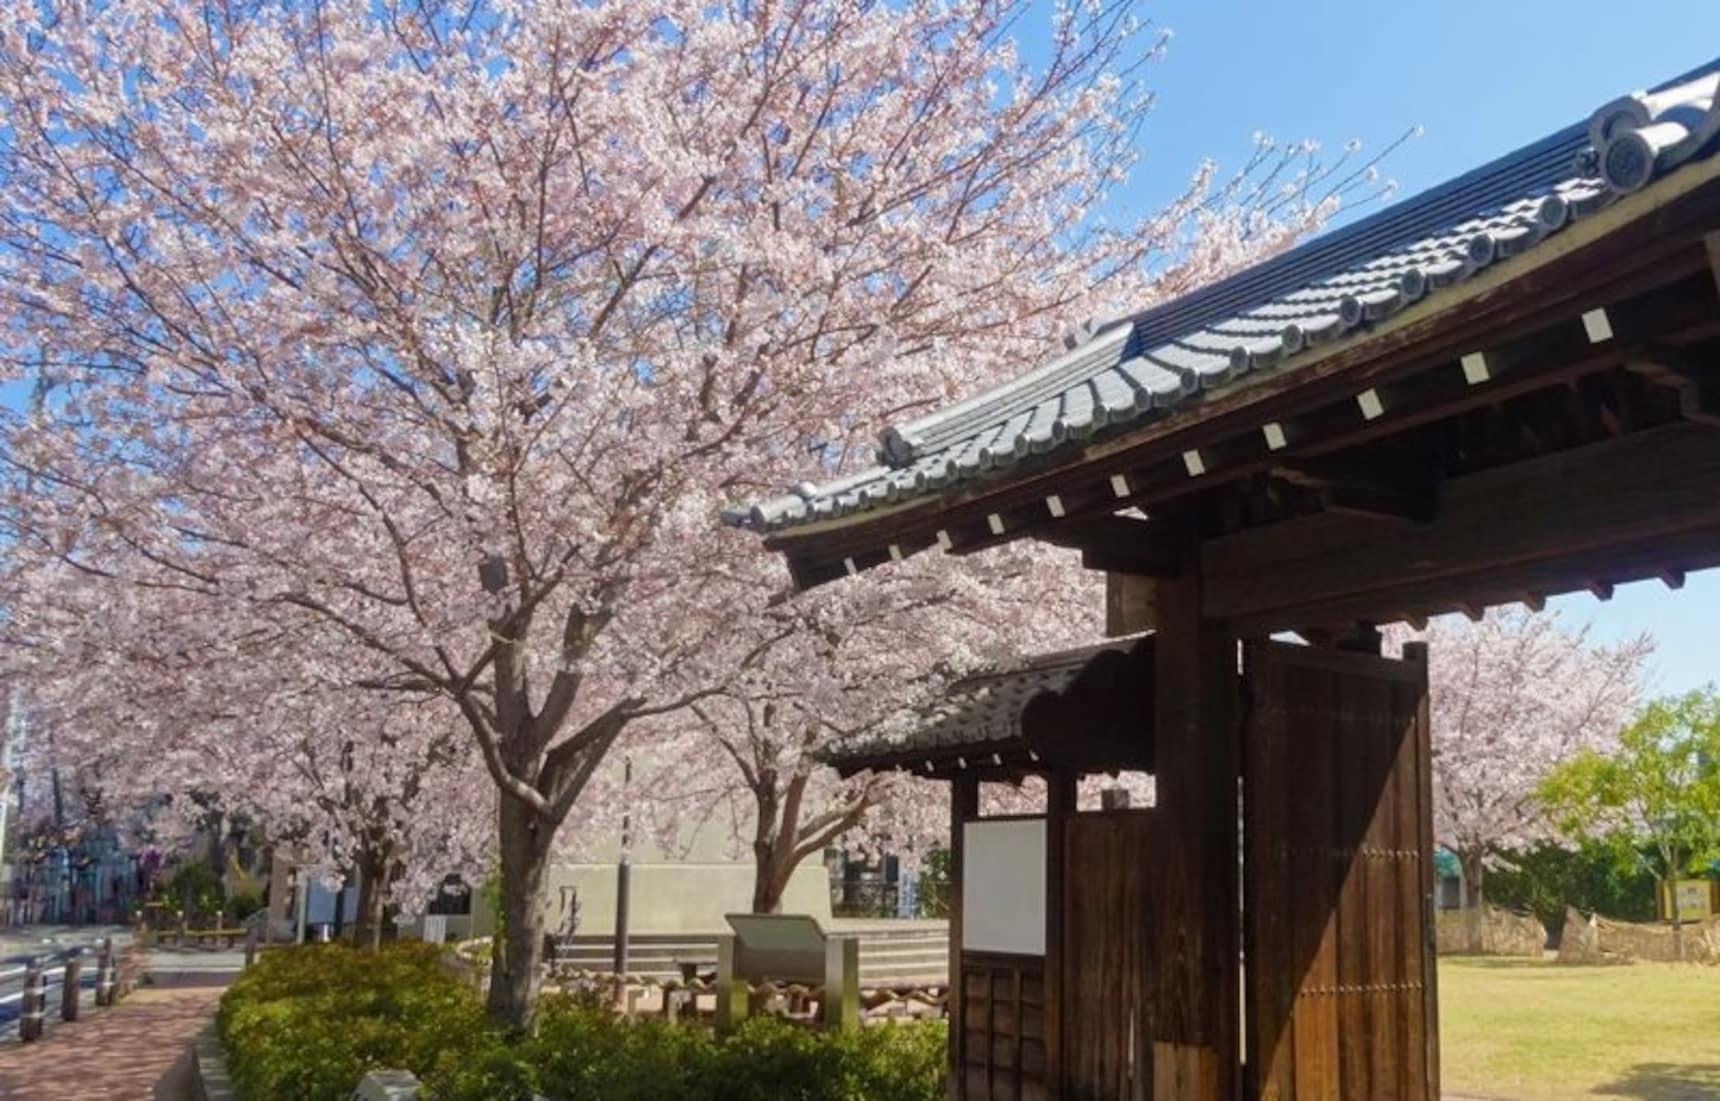 8 Must-See Sakura Avenues in Tokyo